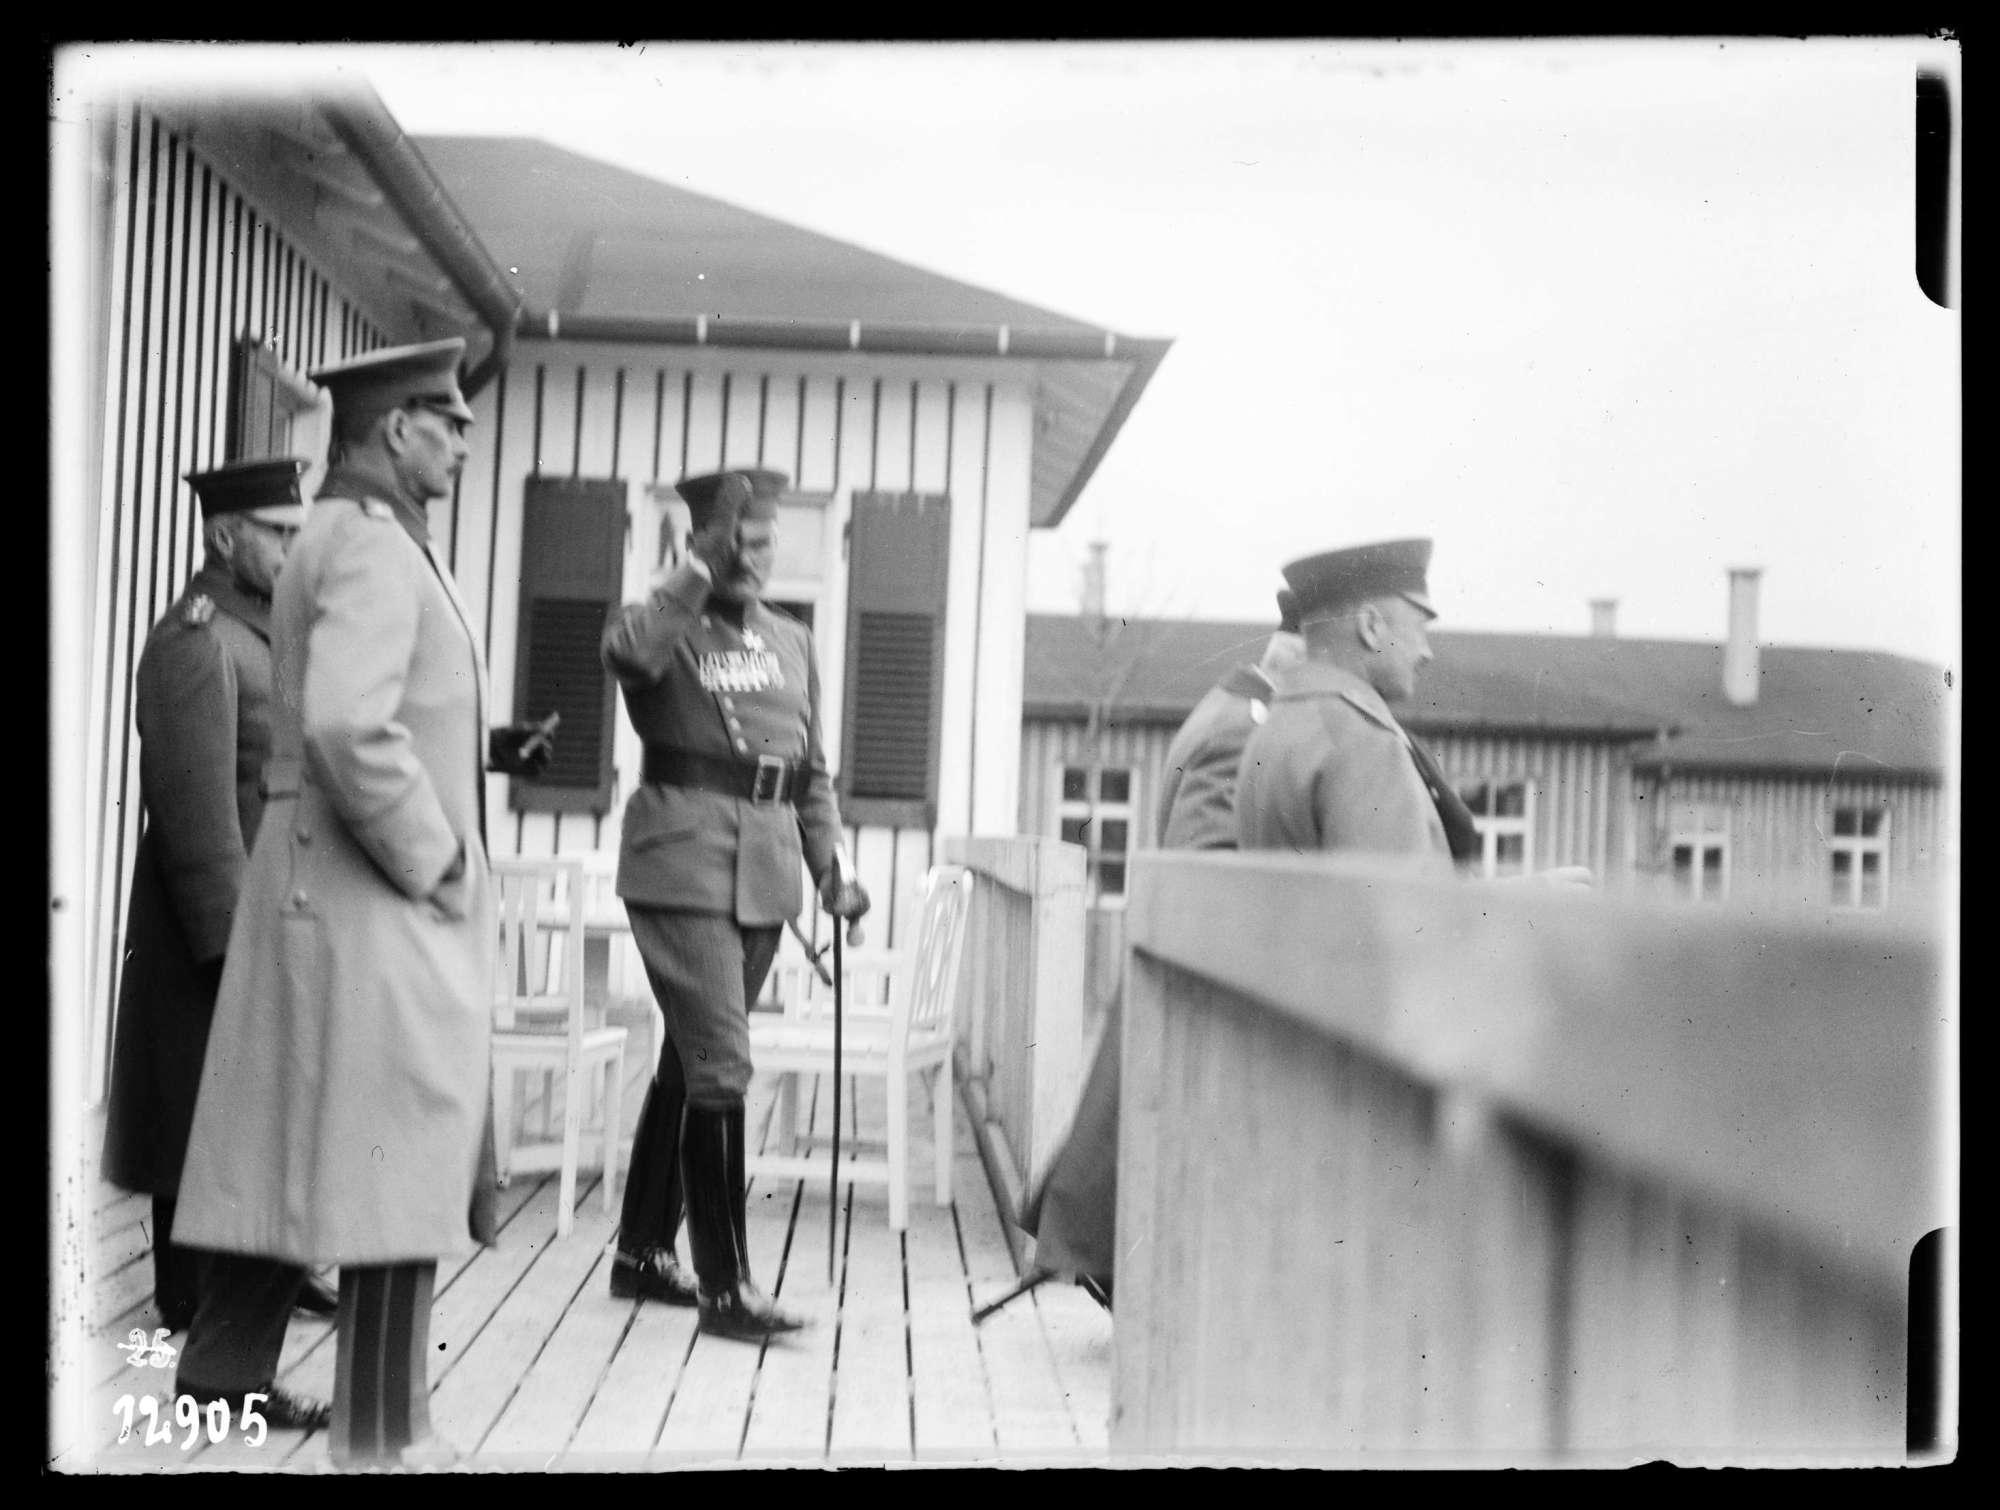 Wilhelm II., König von Württemberg mit Offizieren, Bild 1